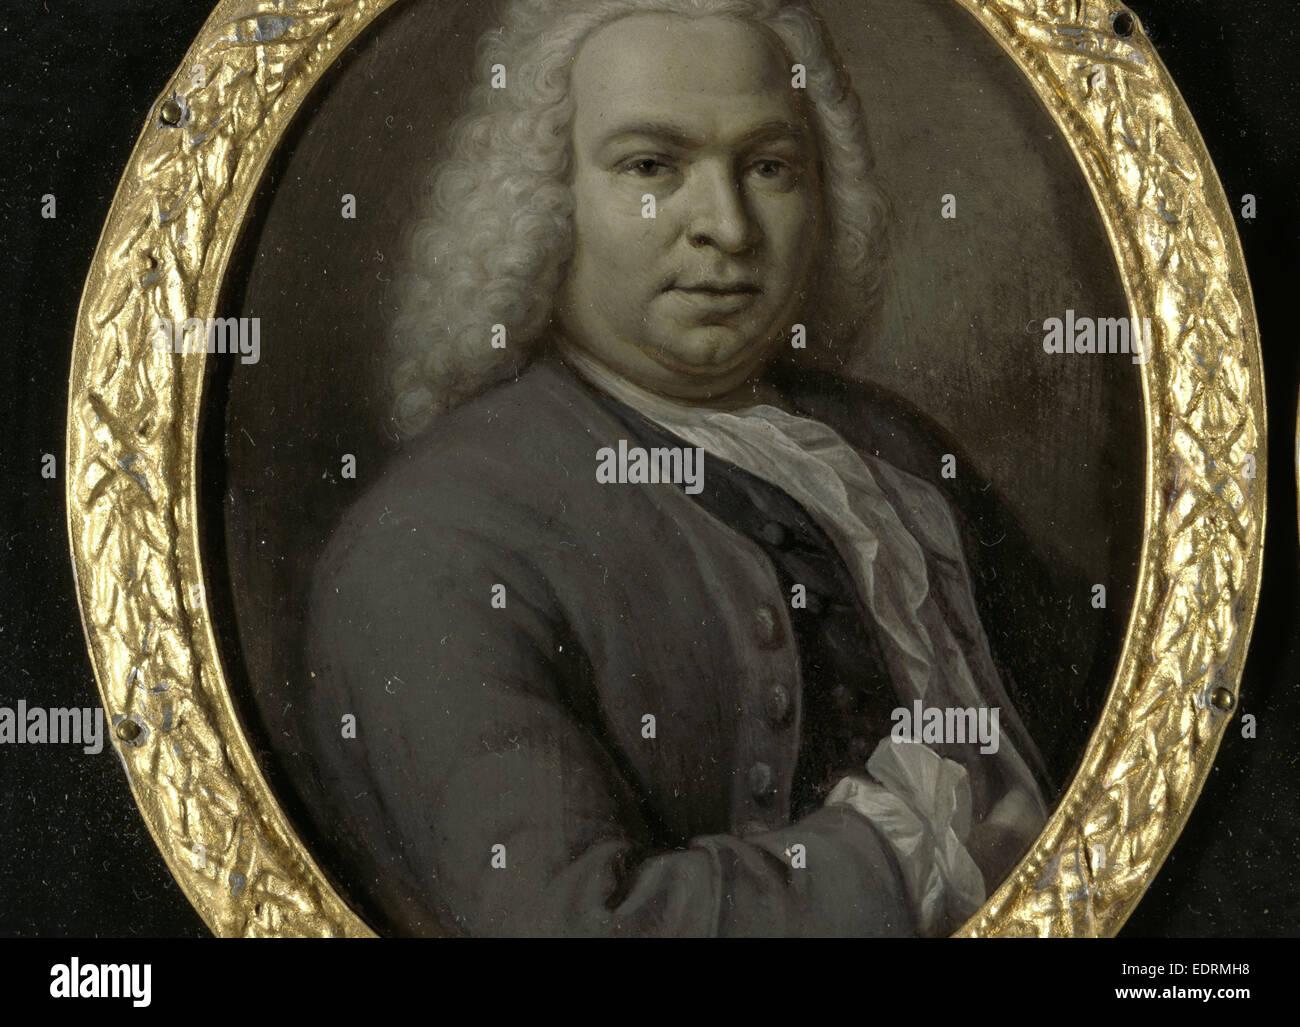 Portrait of Theodoor van Snakenburg, Jurist and Poet in Leiden, Hieronymus van der Mij, 1743 - Stock Image